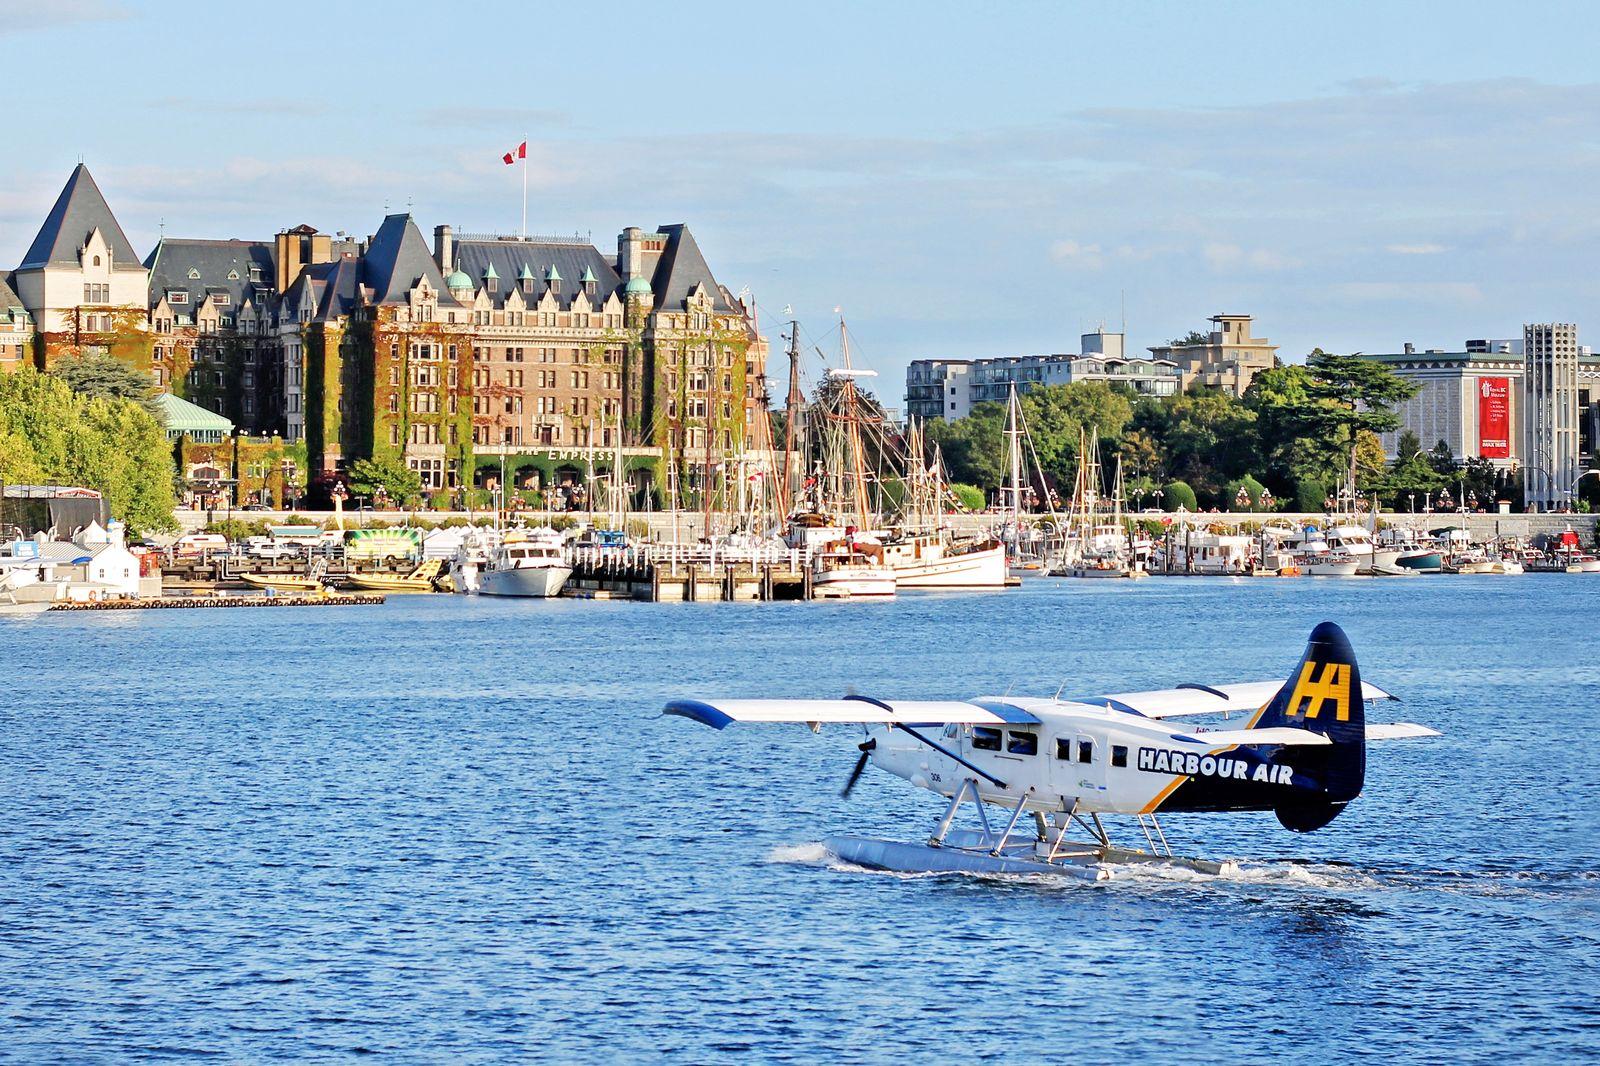 Wasserflugzeug im Inner Harbour